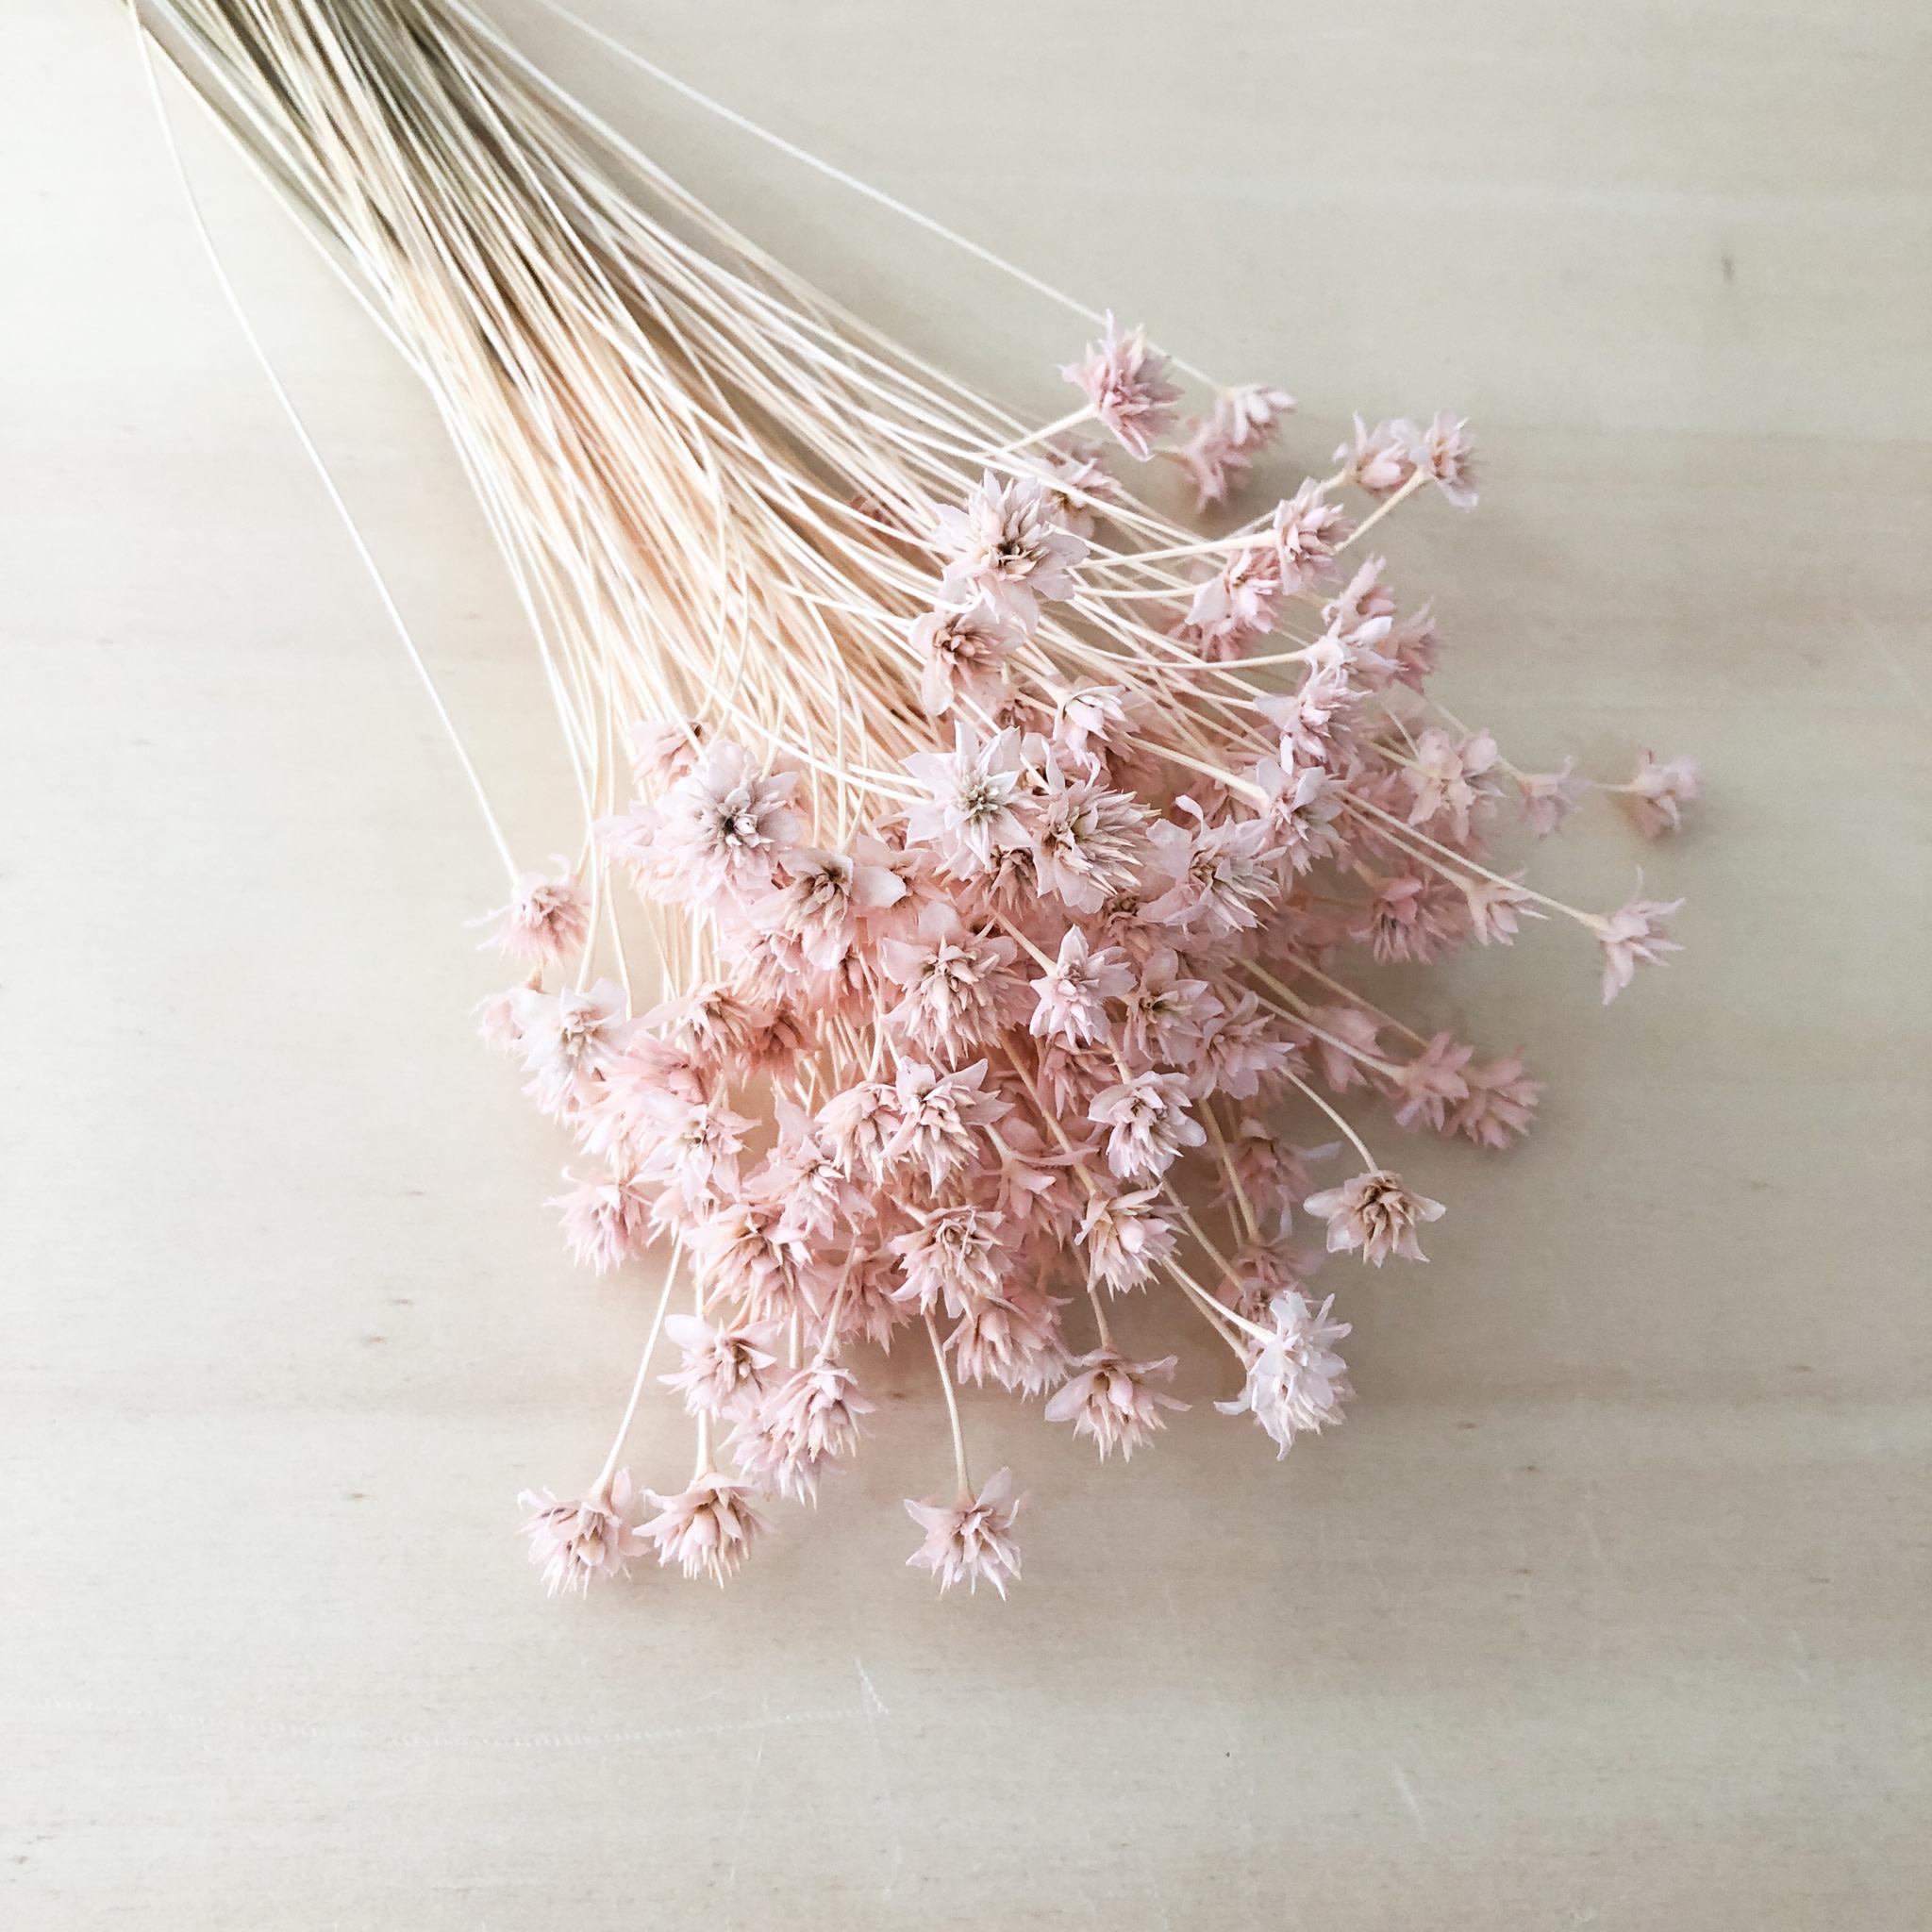 Hill Flower